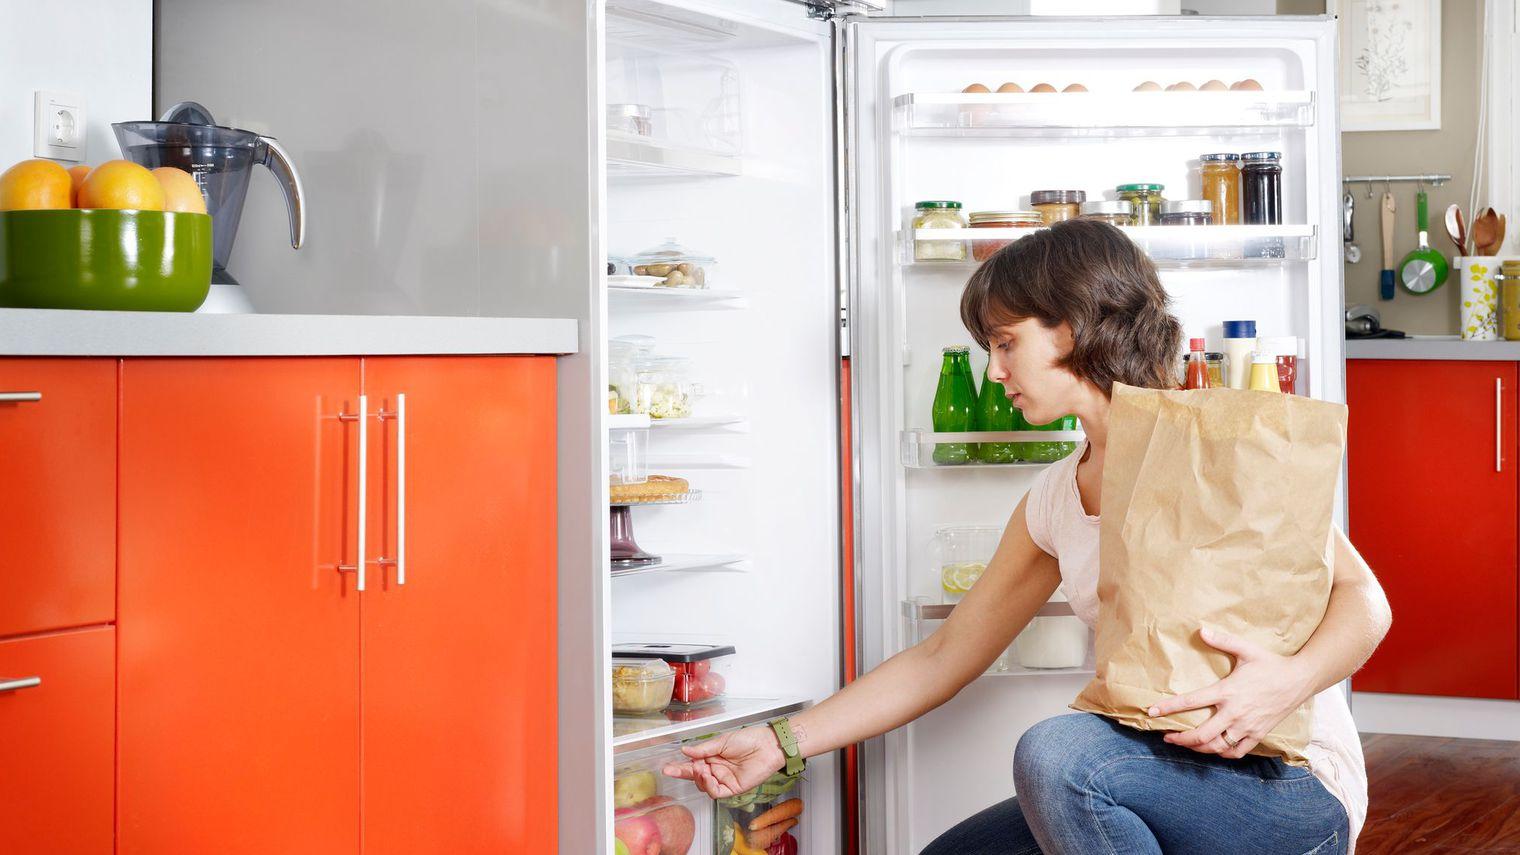 La chambre froide : un tour d'horizon des produits commercialisés